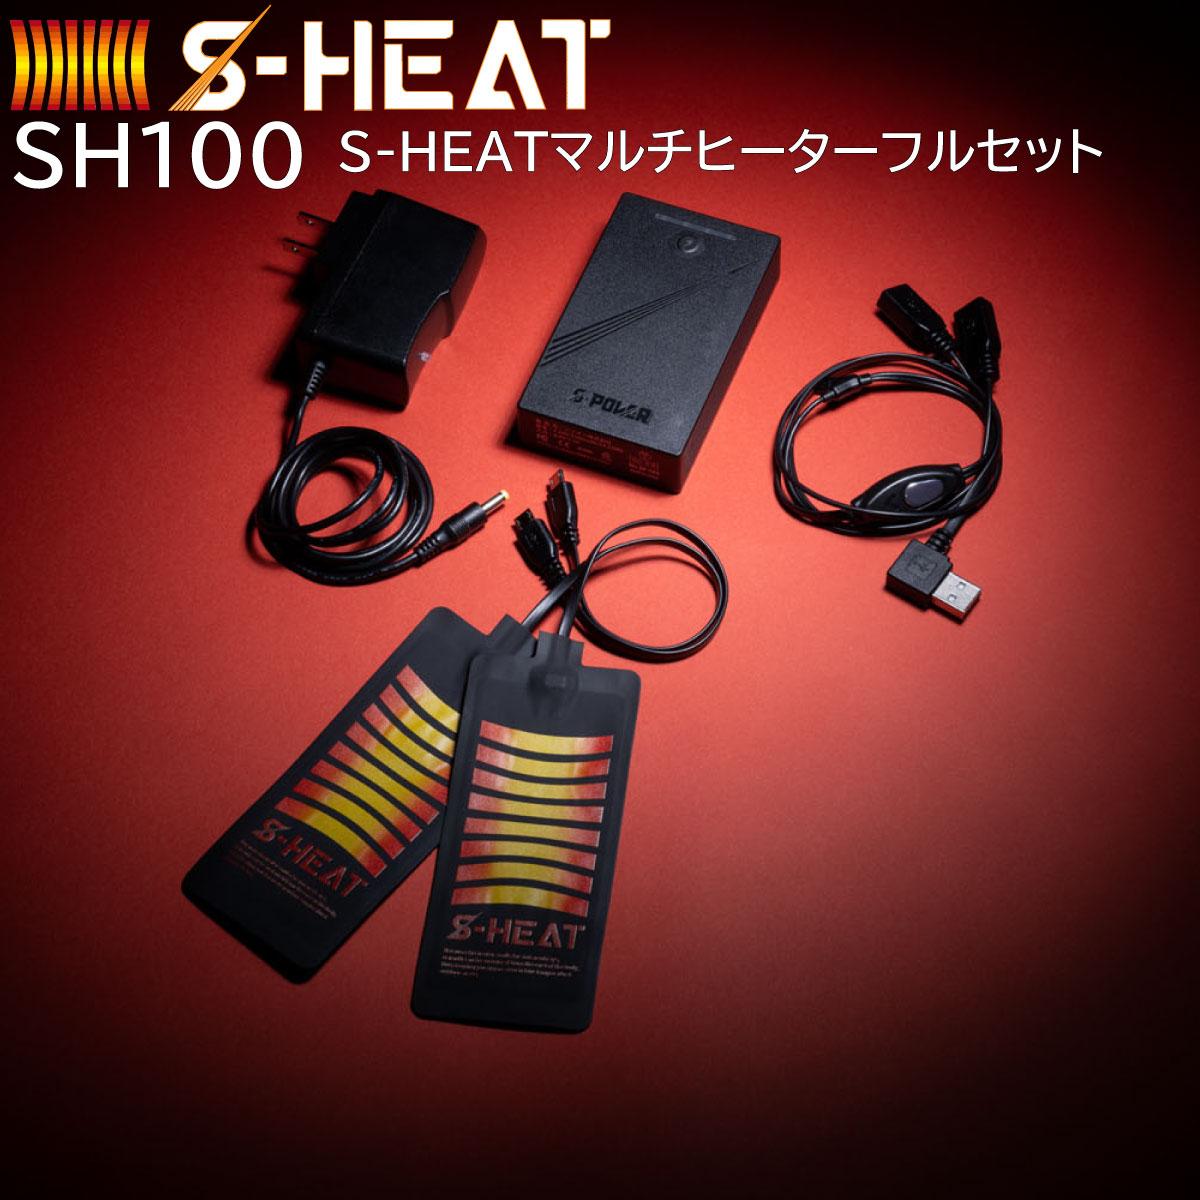 ヒータ—ベスト ヒートべスト バッテリーフルセット シンメン 03061 08000 S-HEAT マルチヒーター 電熱ウエア 防寒着